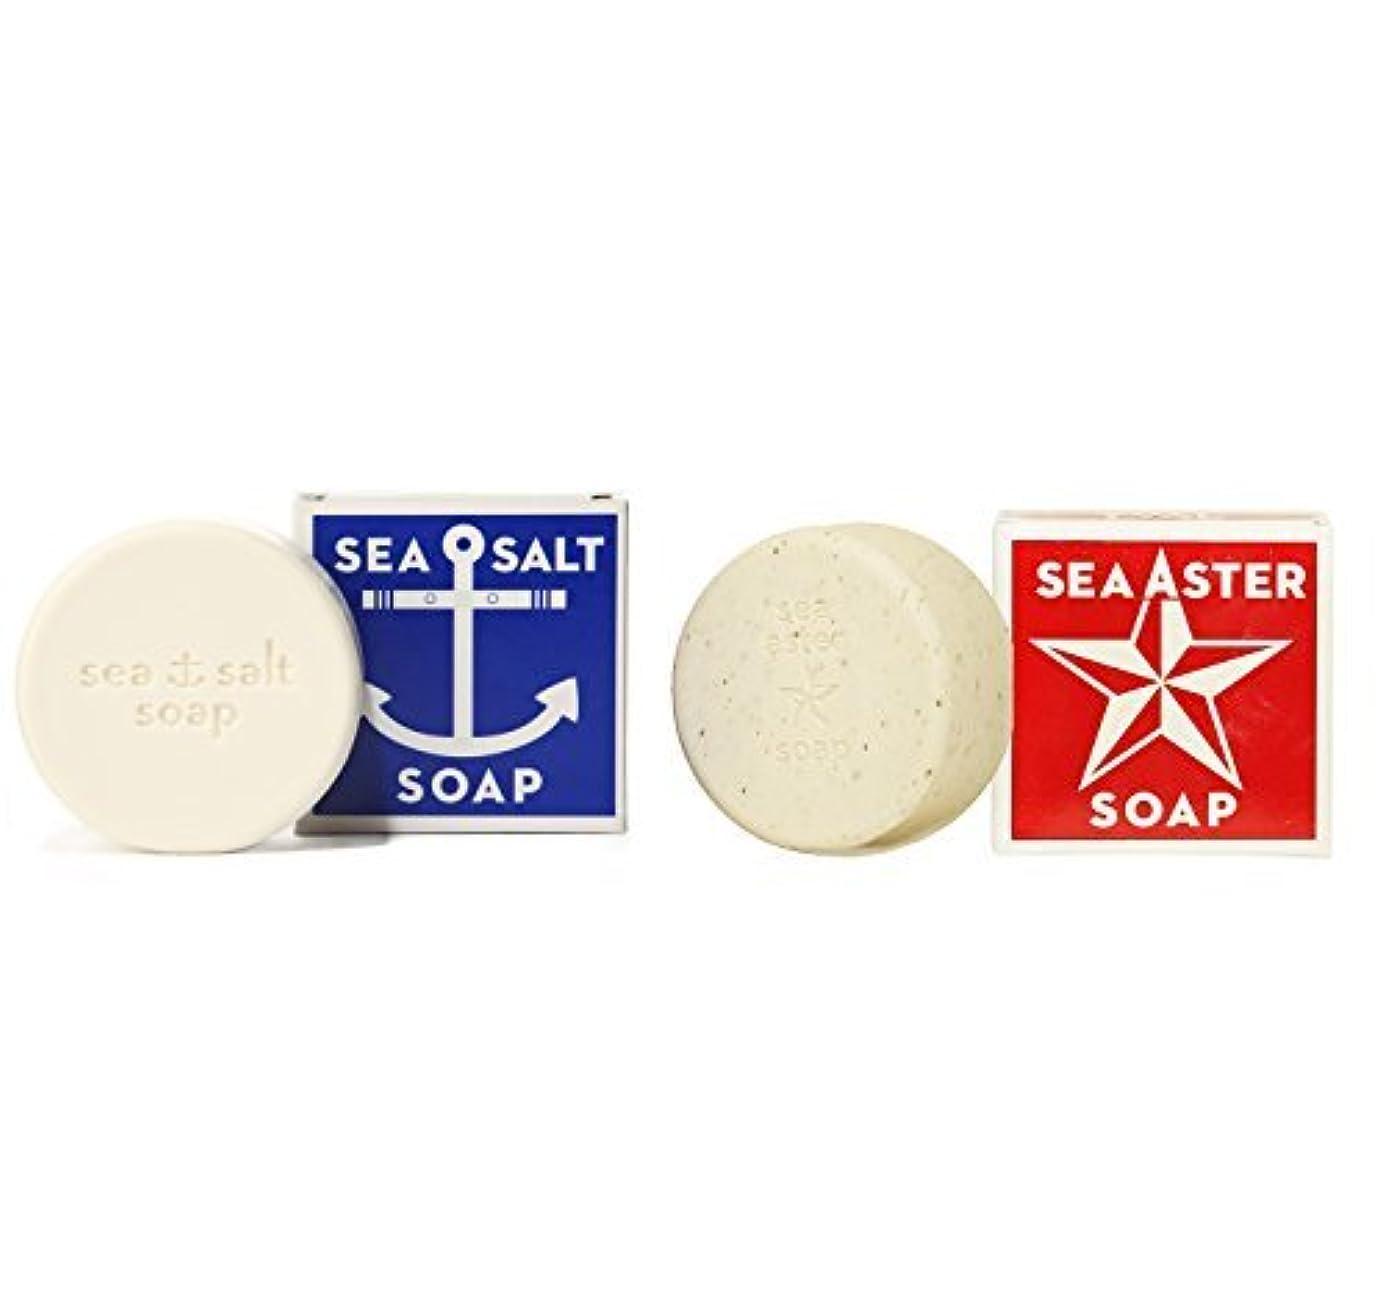 怒り作りますバンクSwedish Dream Sea Salt + Sea Aster Soap Bar by Kala by Swedish Dream [並行輸入品]